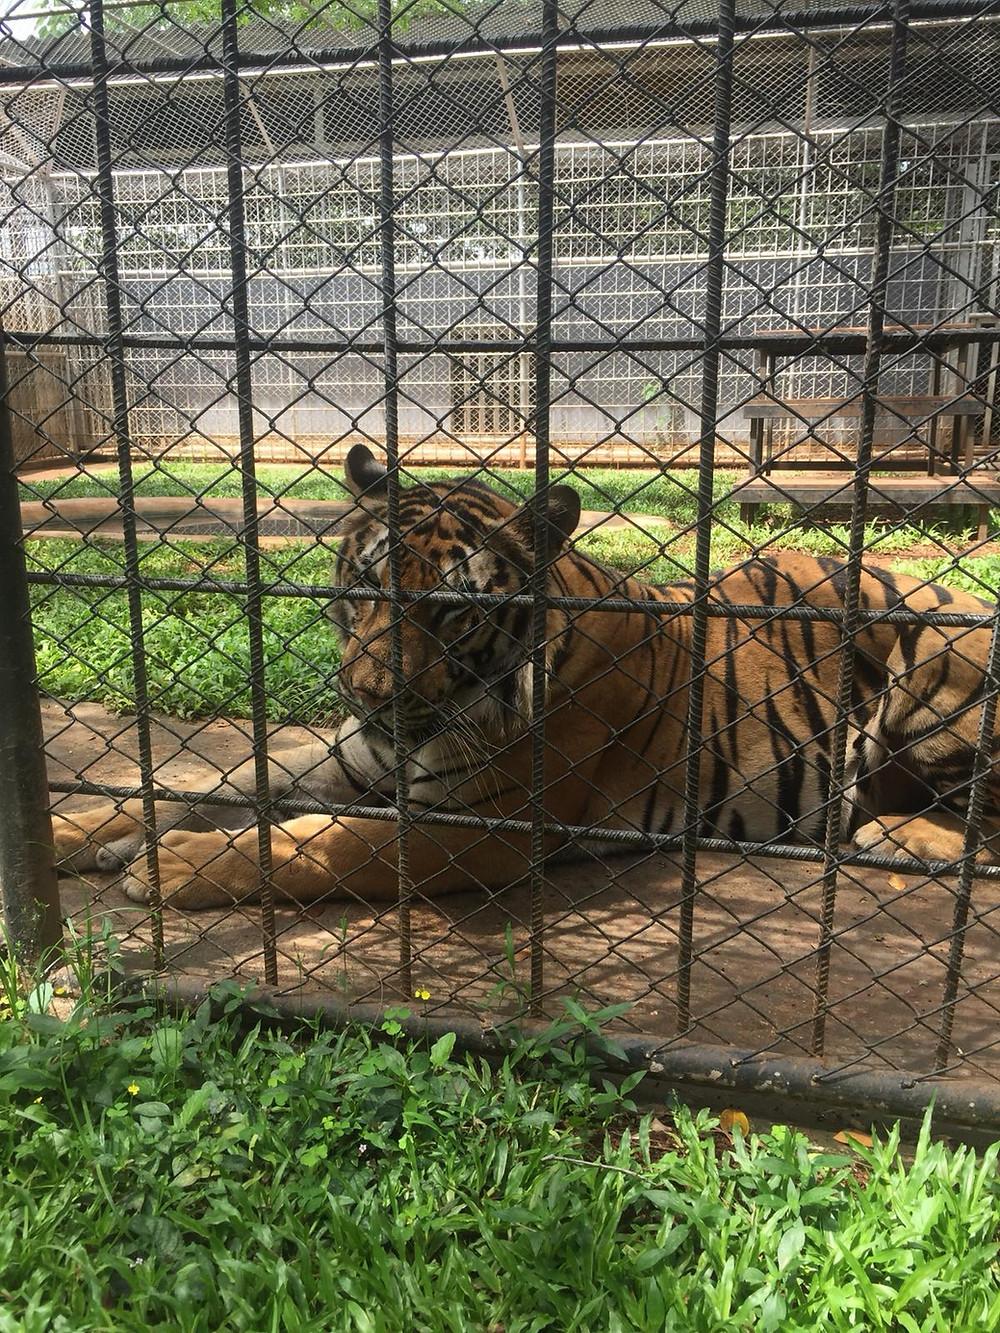 Farm Chokchai tiger in Thailand